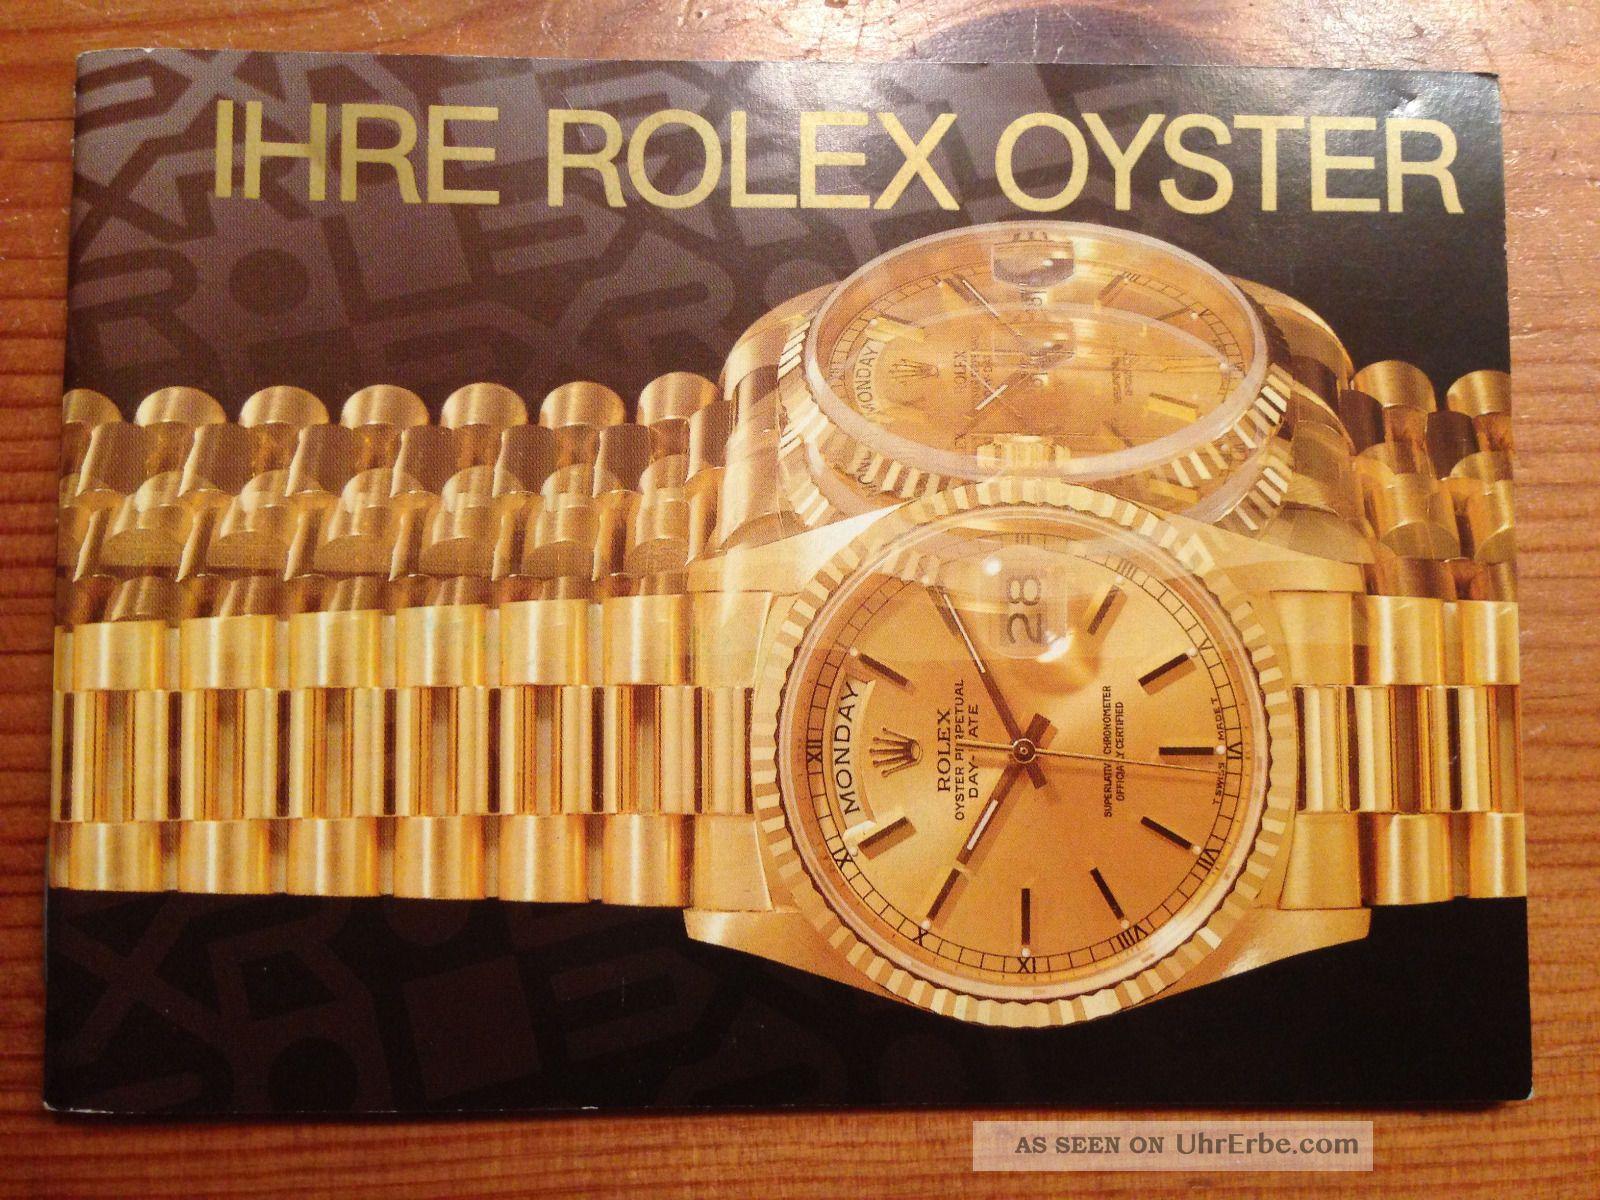 Rolex Oyster Booklet In Deutsch Armbanduhren Bild